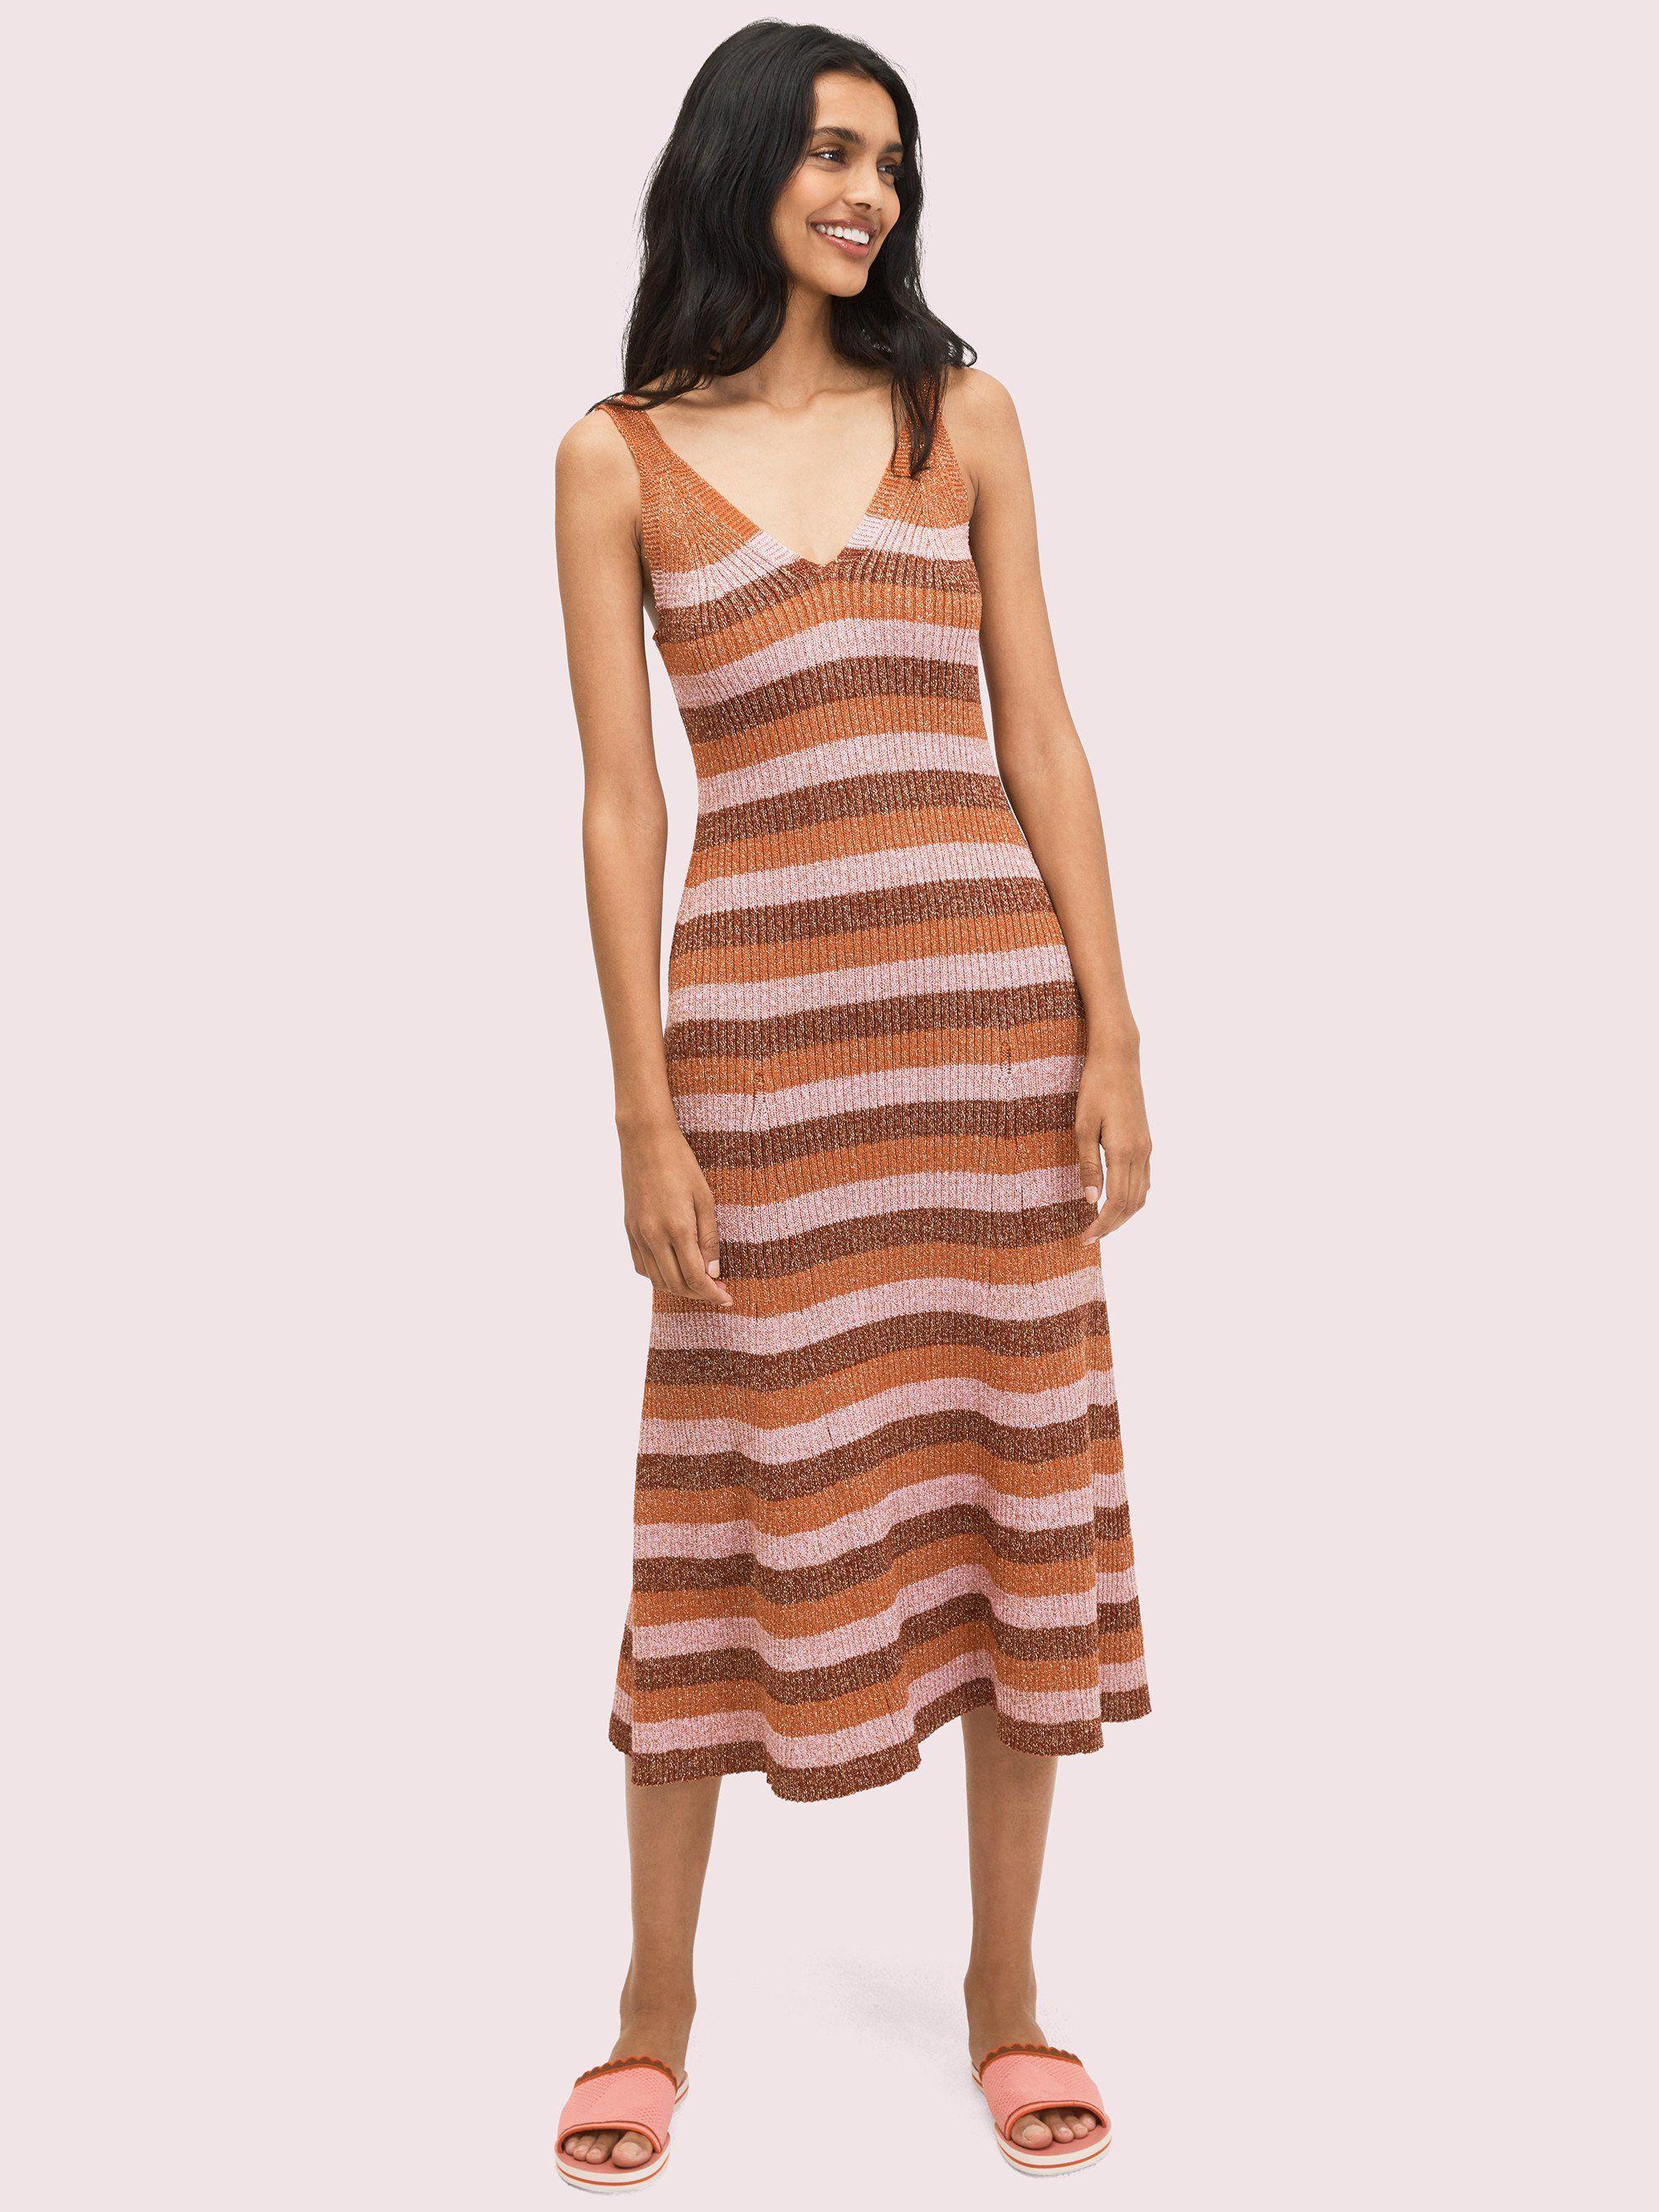 Sparkle Stripe Sweater Dress In 2021 Striped Sweater Dress Summer Dress Outfits Ribbed Sweater Dress [ 2666 x 2000 Pixel ]